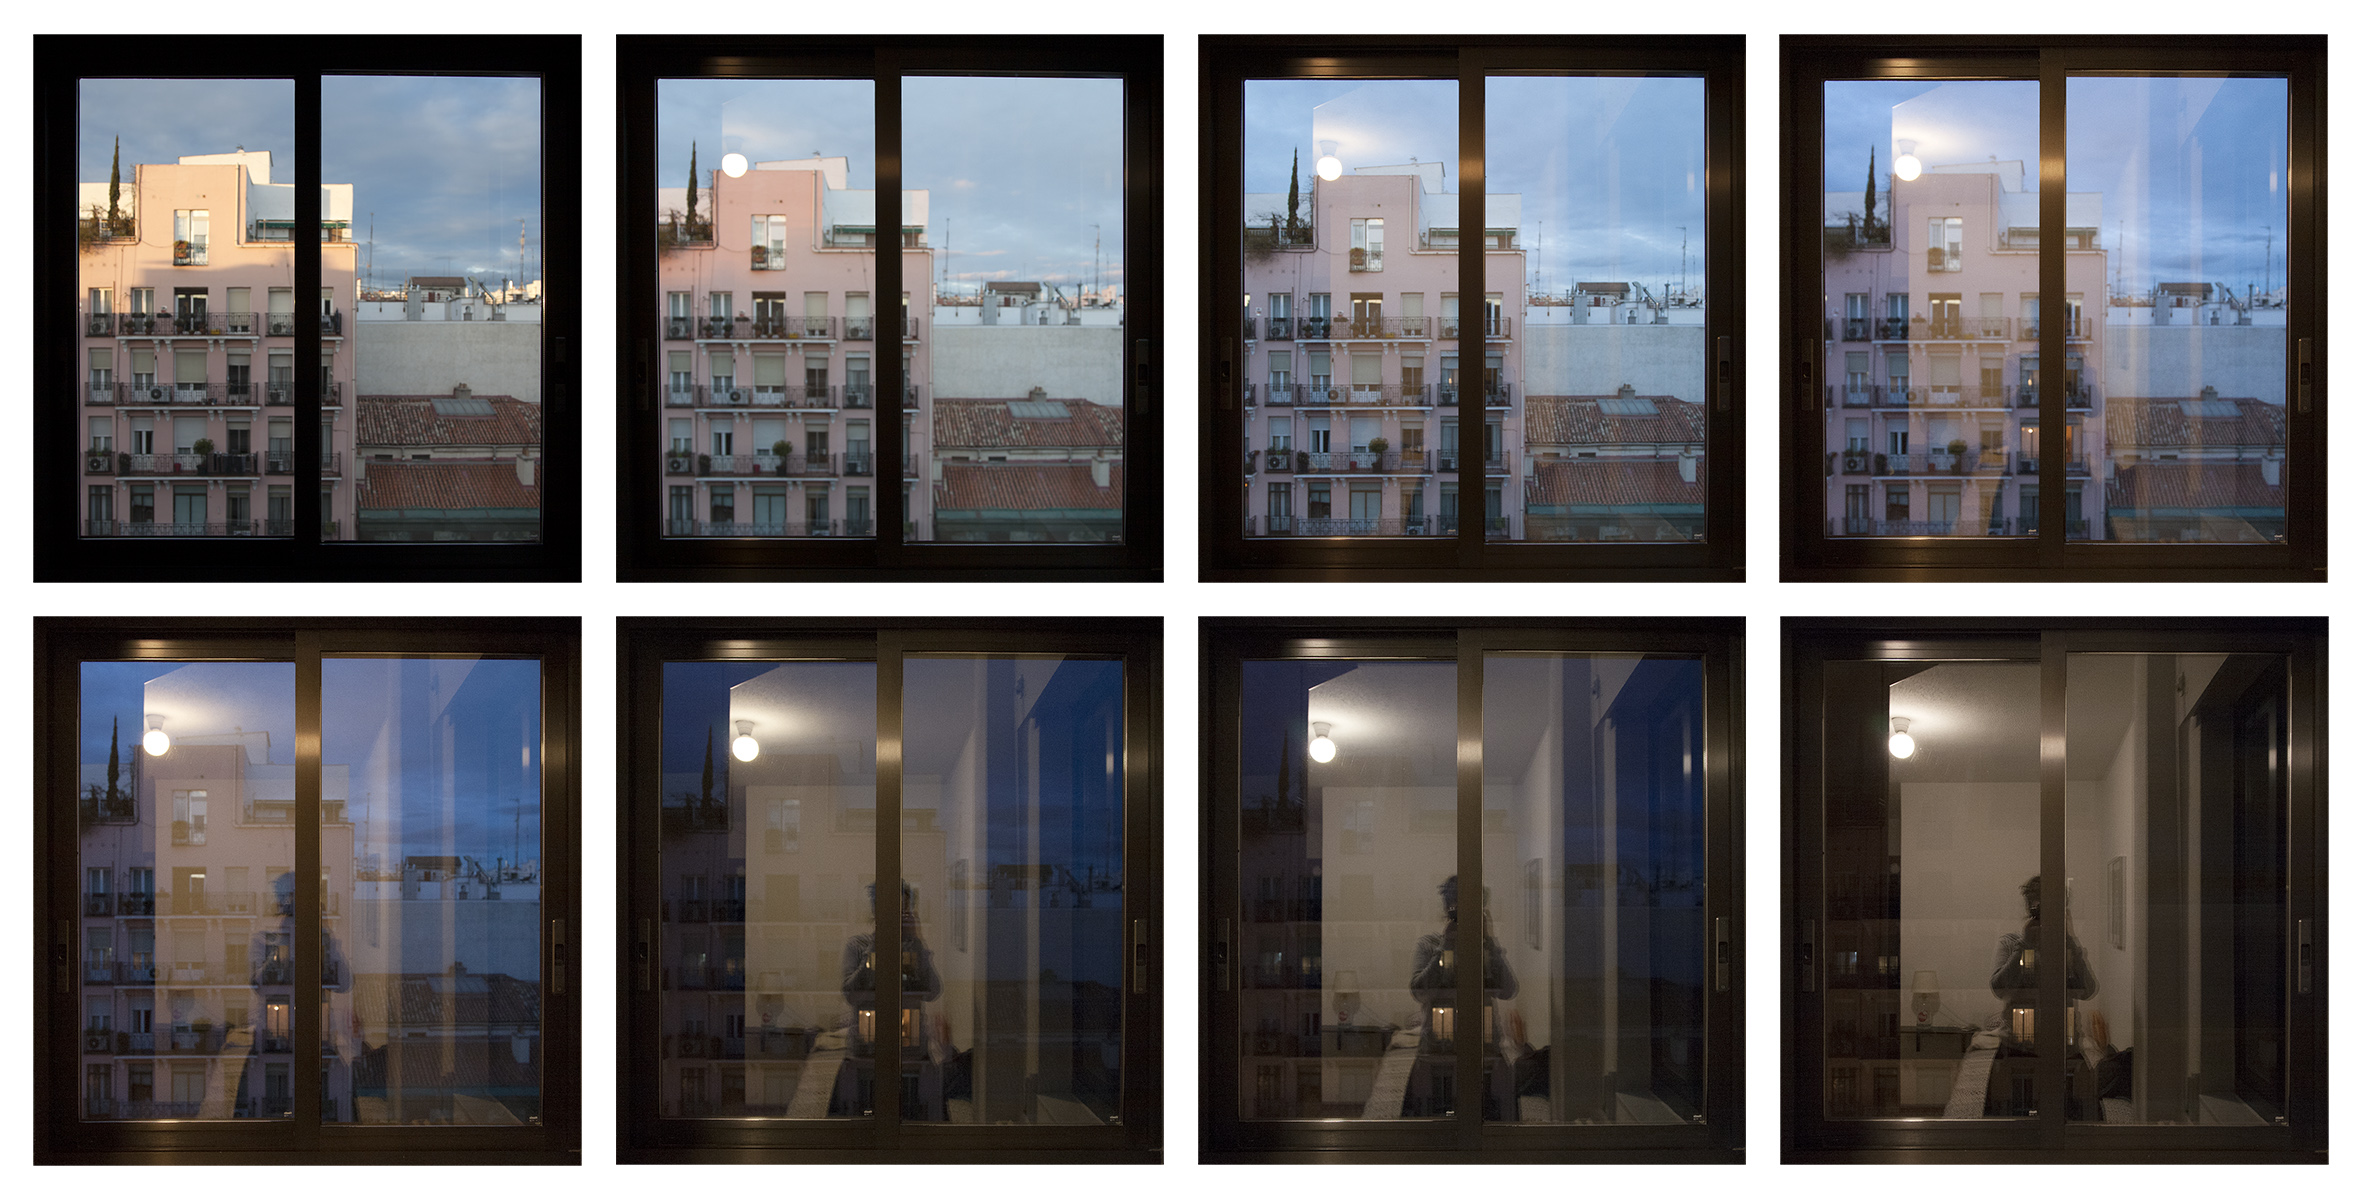 Vista desde la ventana en Madrid